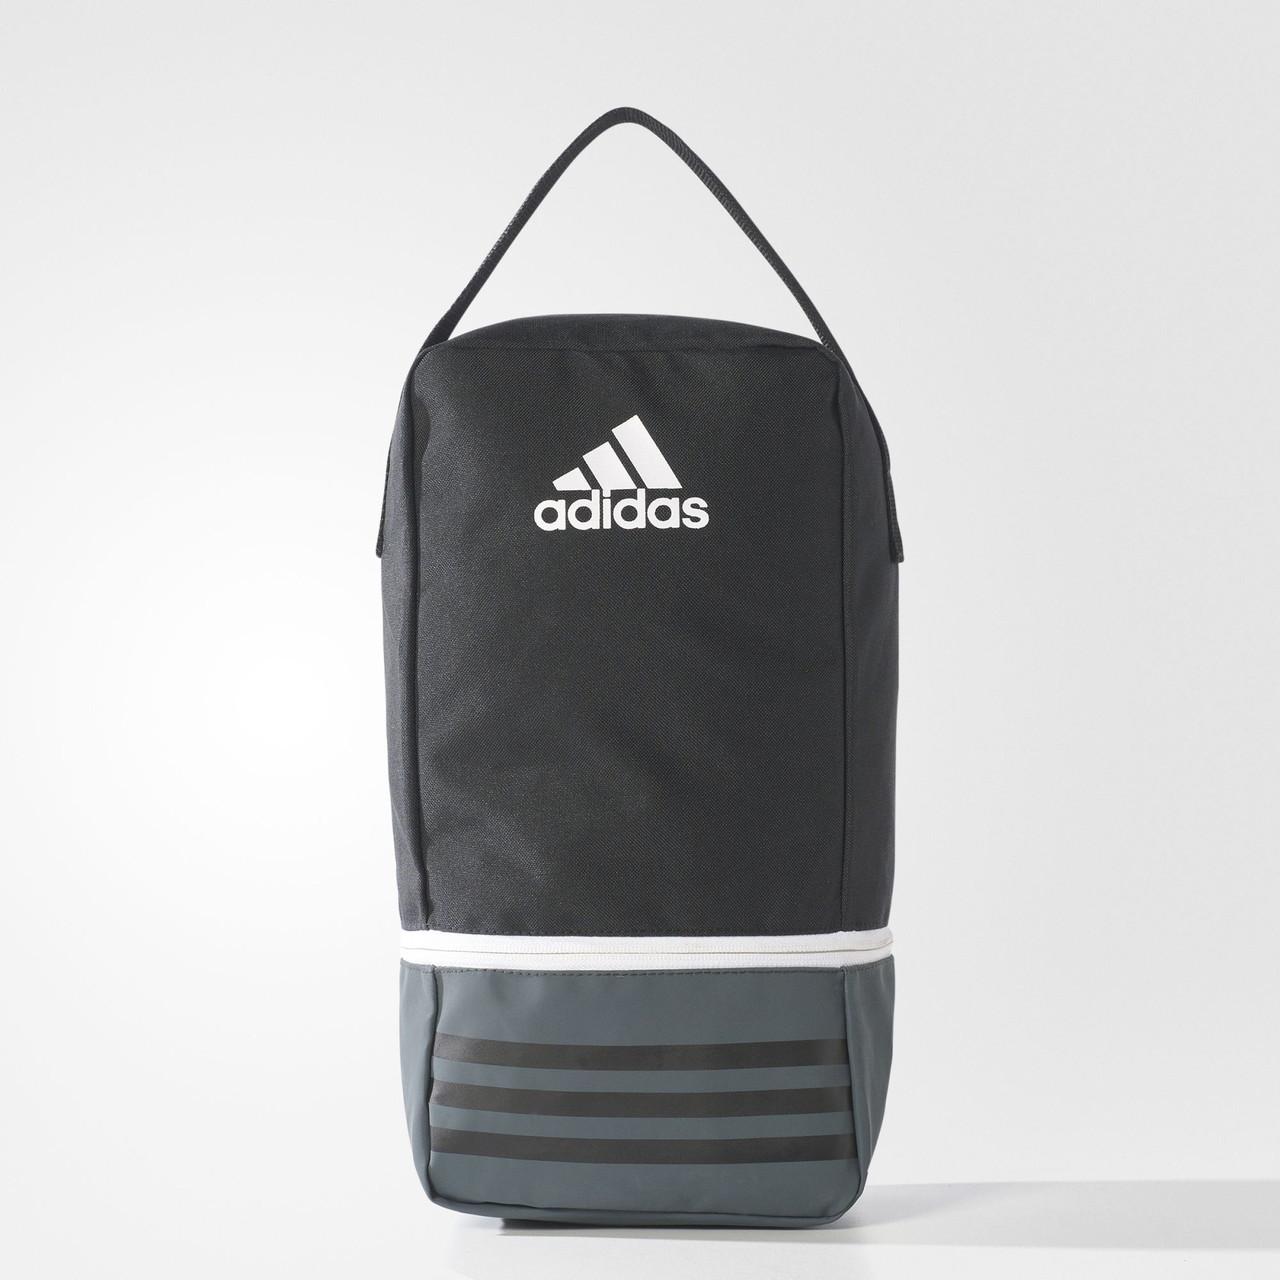 6b96ddf6 Купить Сумка Adidas Performance Tiro Shoe Bag Football (Артикул ...